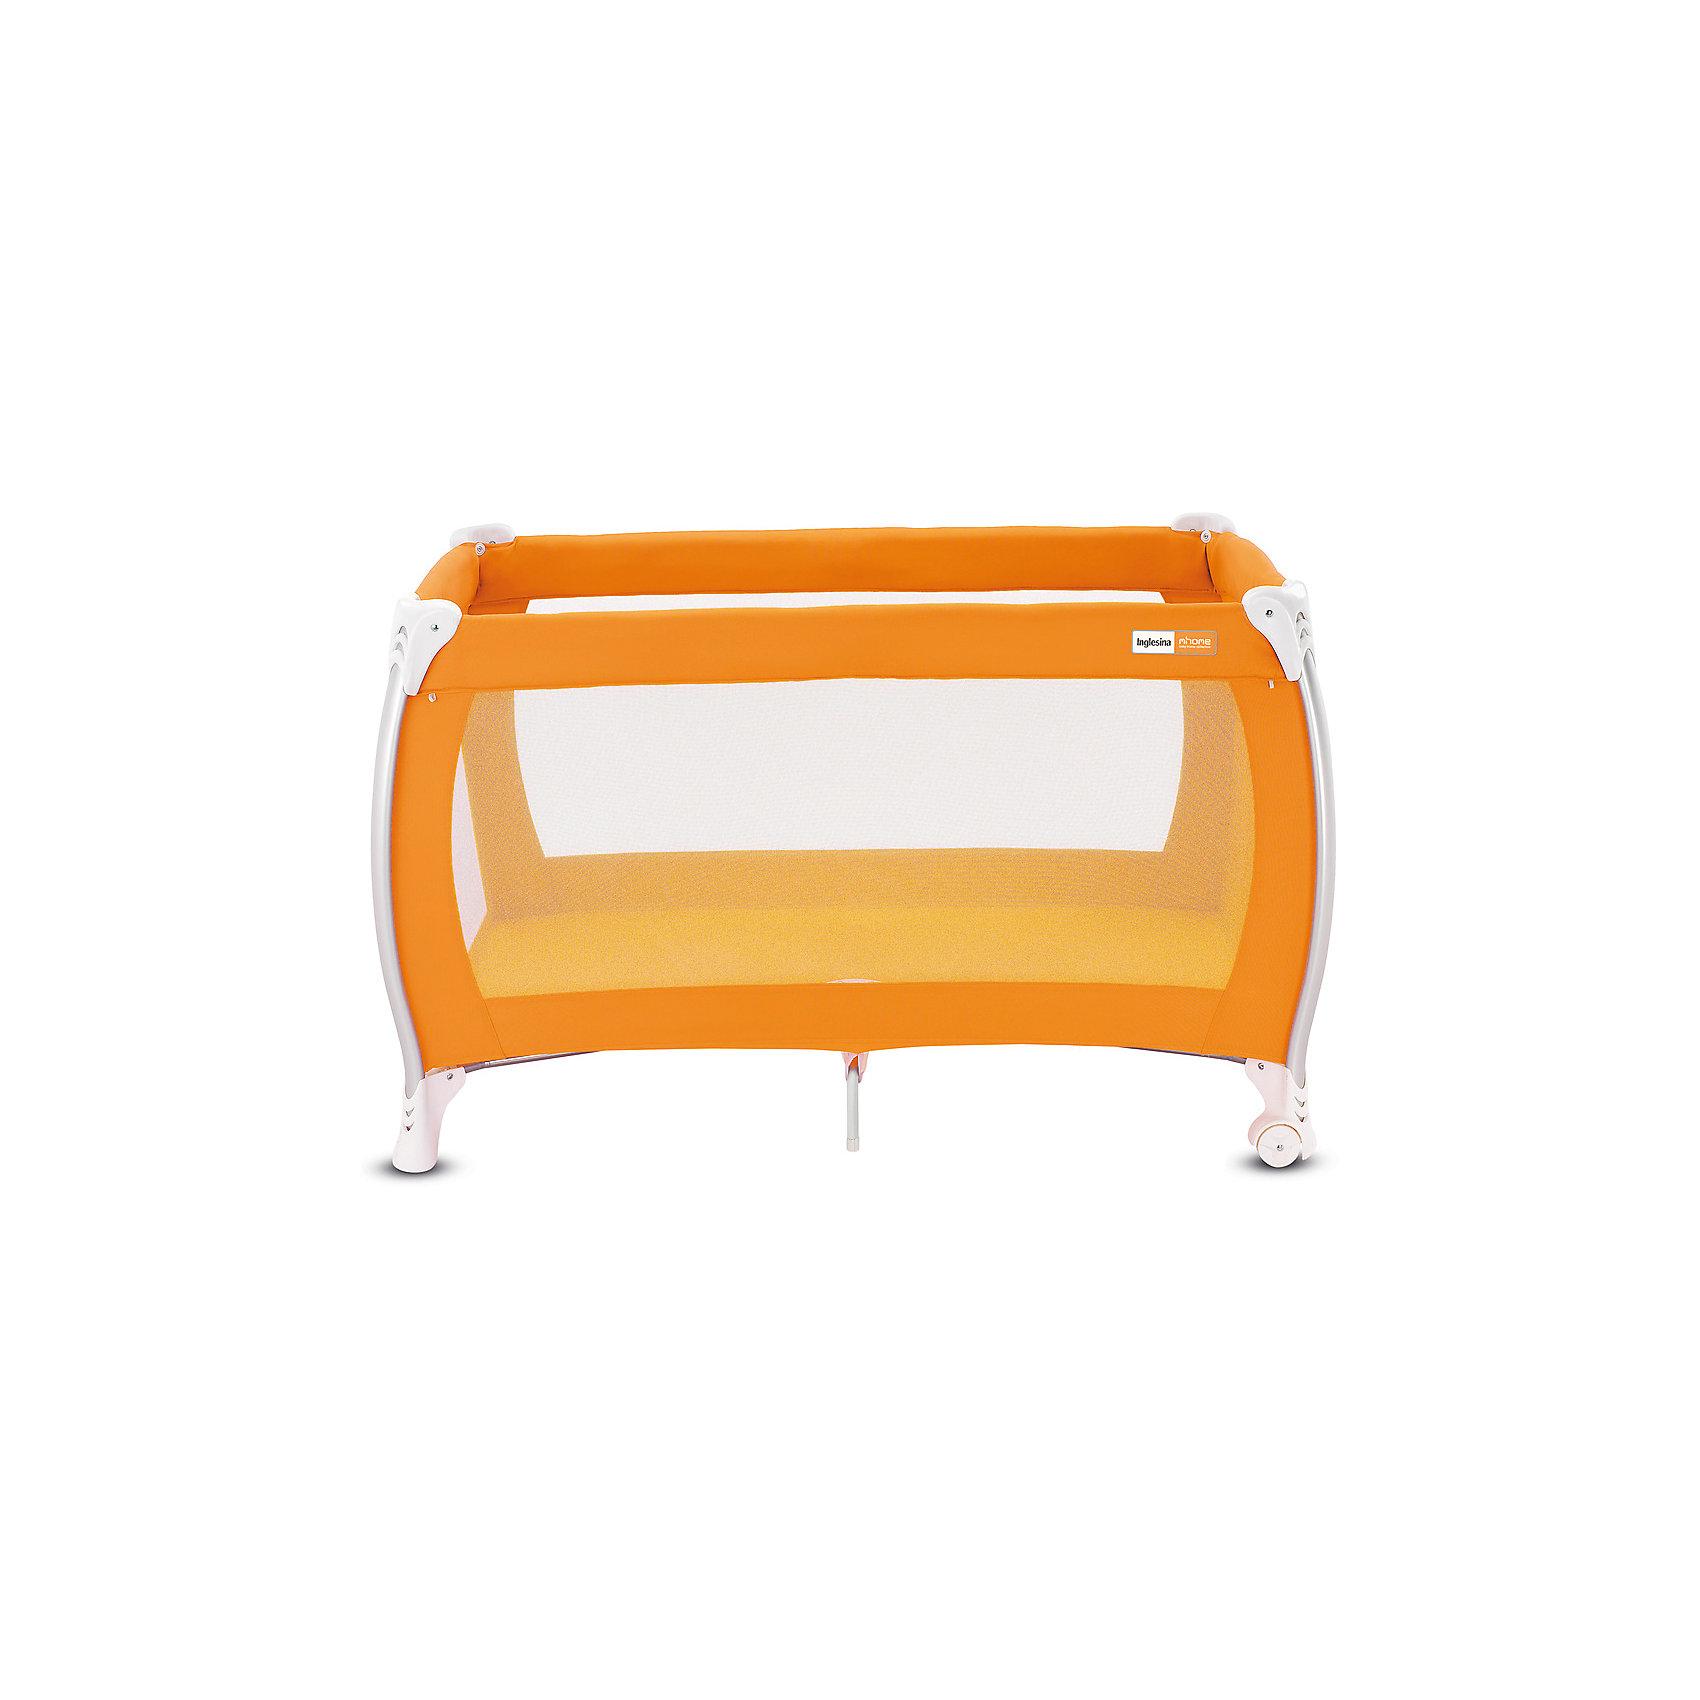 Манеж-кровать Lodge, Inglesina, orangeМанежи-кроватки<br>Манеж-кровать Daily Plus - прекрасный вариант для малышей. Модель имеет 2 колесика со стопорами для удобного перемещения манежа. Стенки из сетчатого материала обеспечивают хорошую вентиляцию и обзор, дополнительные ножки-упоры гарантируют устойчивость и безопасность даже самым непоседливым малышам.  Манеж-кровать быстро и компактно складывается, колесики позволяют также перемещать модель в сложенном виде. В производстве изделия использованы только экологичные, безопасные для детей материалы. <br><br>Дополнительная информация:<br><br>- Материал: текстиль, пластик, металл. <br>- Размер: 79x126x72 см. <br>- Размер в сложенном виде: 26x79x26 см. <br>- 2 колесика для удобного перемещения.<br>- Дополнительные ножки-упоры. <br>- Регулировка по высоте (в 2 положениях).<br>- Легко и компактно складывается. <br>- Боковая дверца на молнии. <br>- Для детей от рождения и до 3 лет (весом до 14 кг).<br>- Комплектация: кроватка, основание под матрас, матрас <br>опоры для верхнего яруса,  трубы для дна верхнего яруса <br>москитная сетка,  сумка для транспортировки кроватки,  боковой карман.<br><br>Манеж-кровать Lodge, Inglesina (Инглезина), можно купить в нашем магазине.<br><br>Ширина мм: 250<br>Глубина мм: 250<br>Высота мм: 805<br>Вес г: 10300<br>Возраст от месяцев: 0<br>Возраст до месяцев: 36<br>Пол: Унисекс<br>Возраст: Детский<br>SKU: 4764282